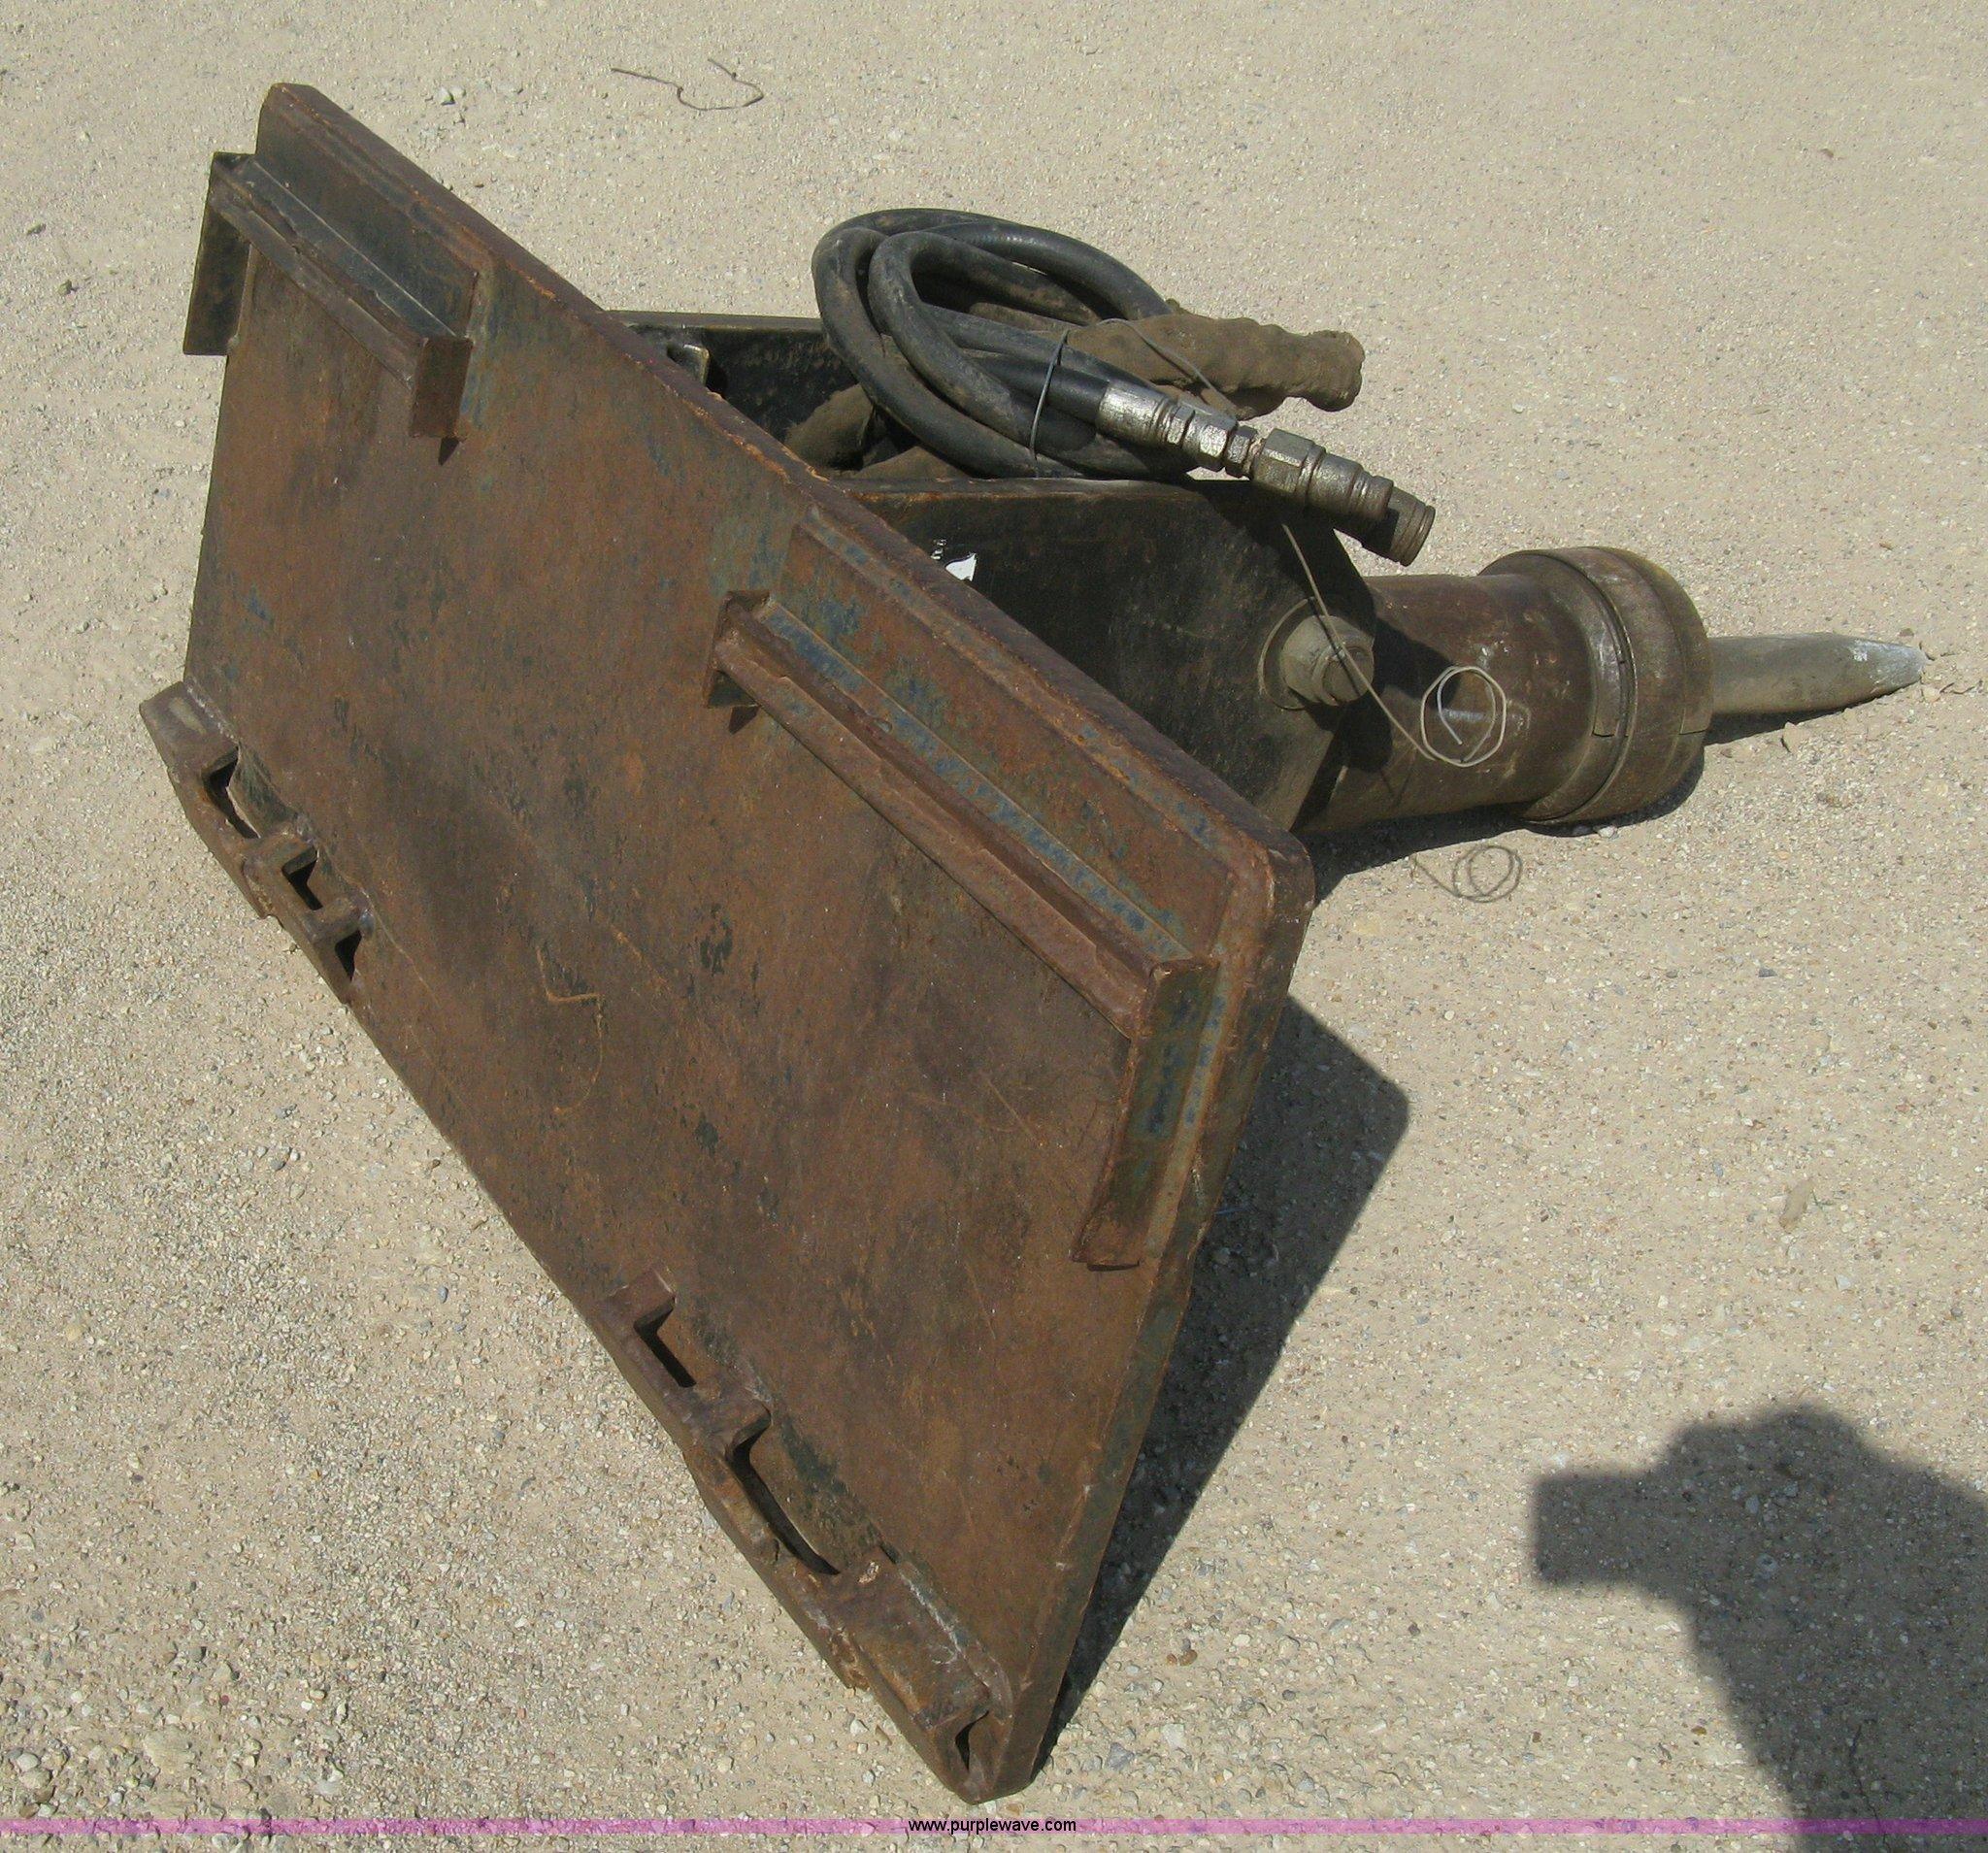 Hoover Skid Steer Buckets